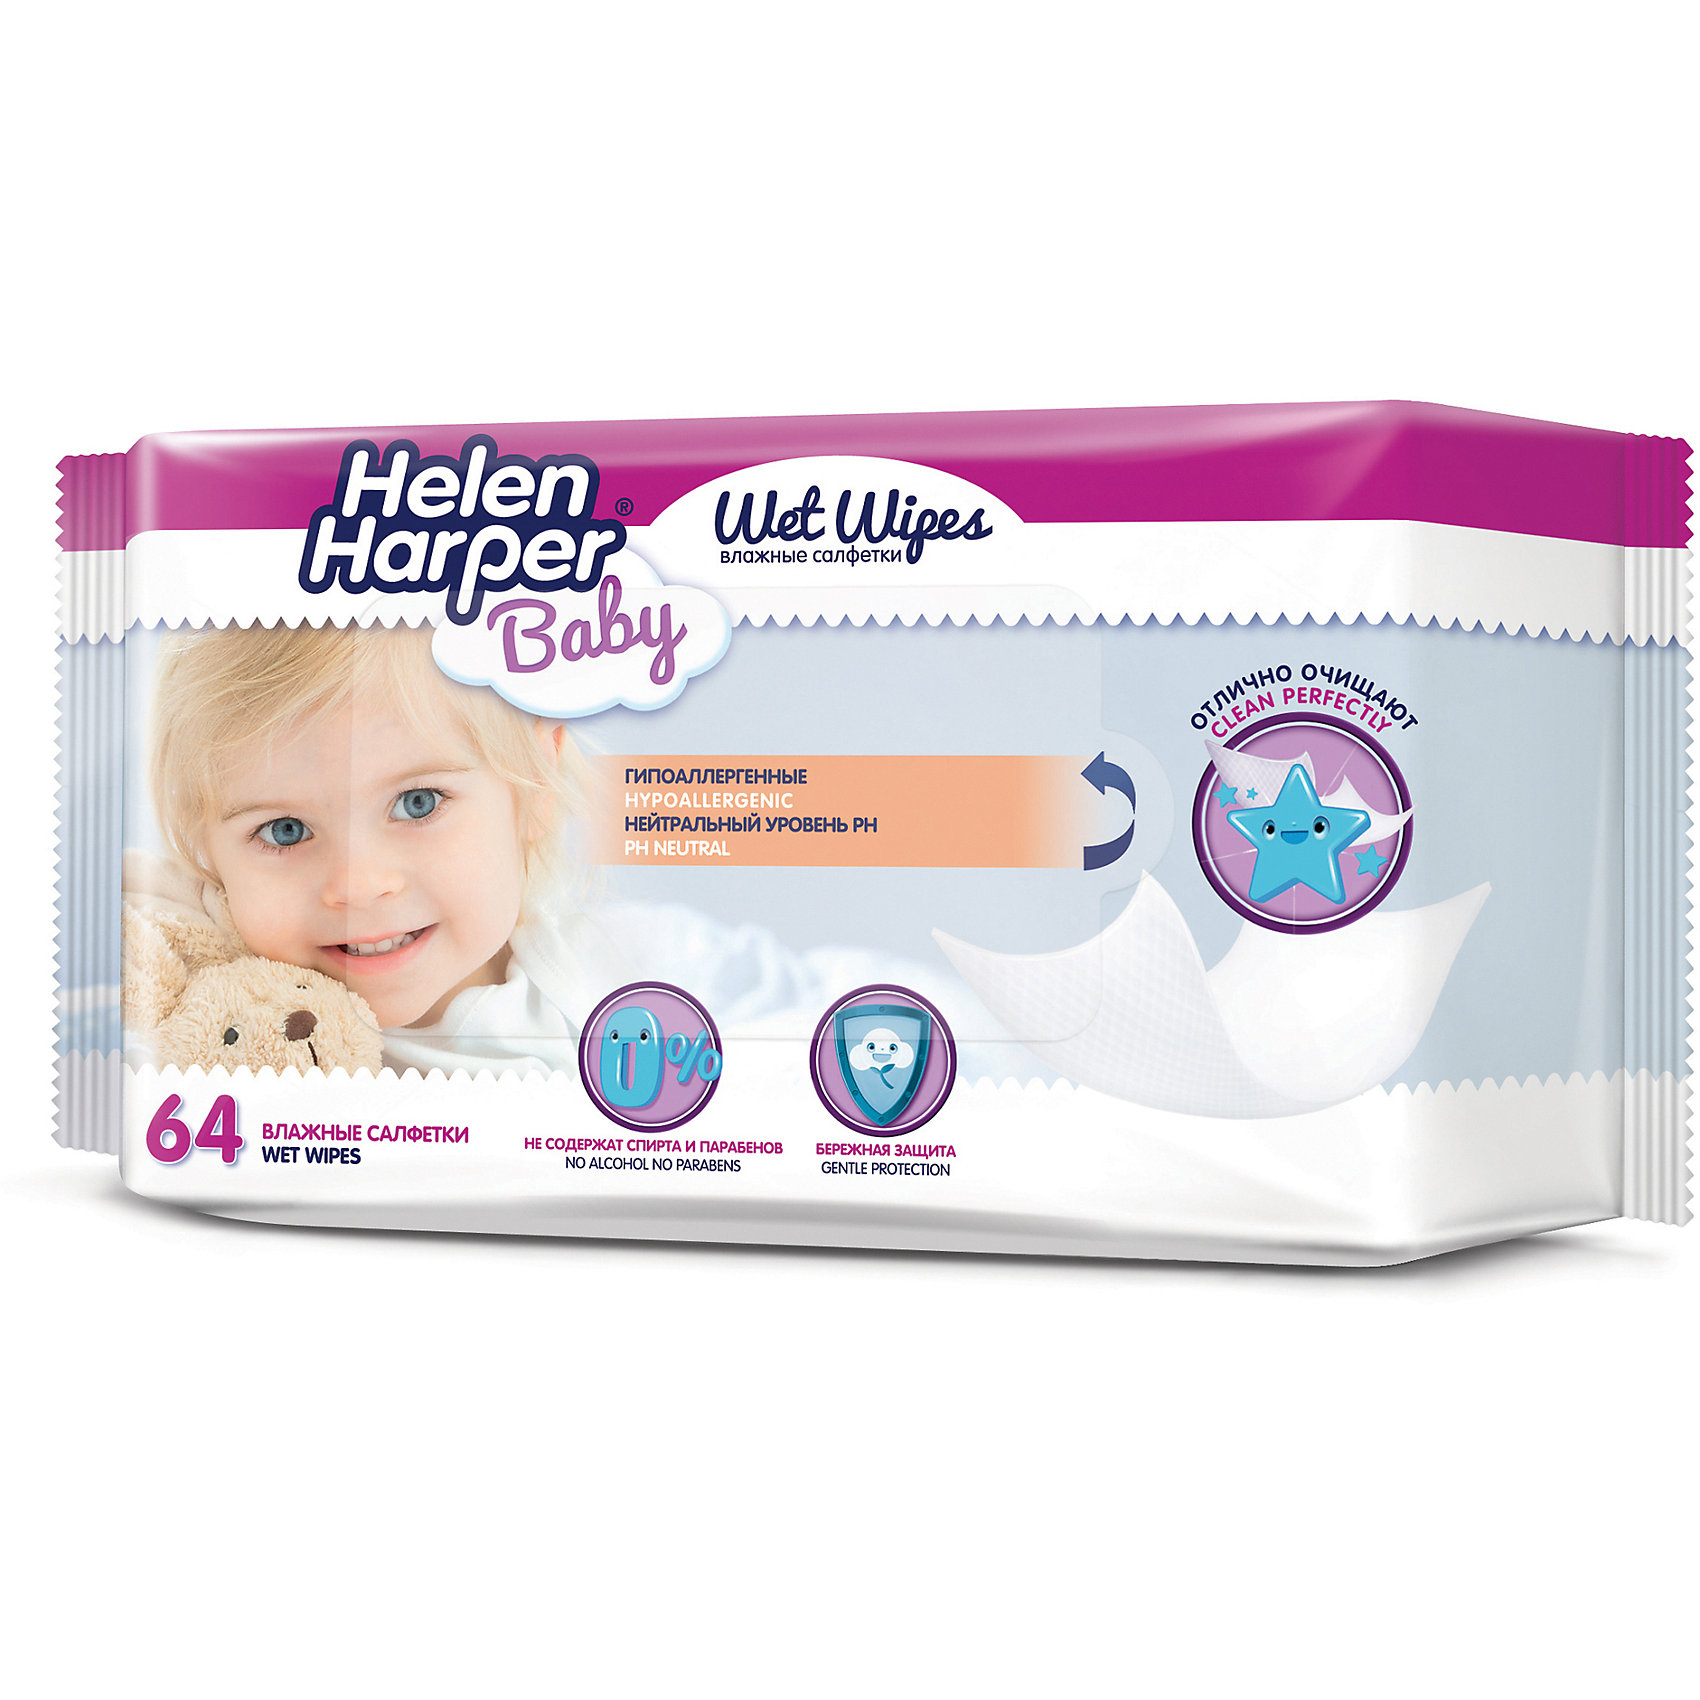 Детские влажные салфетки Helen Harper Baby 64 шт